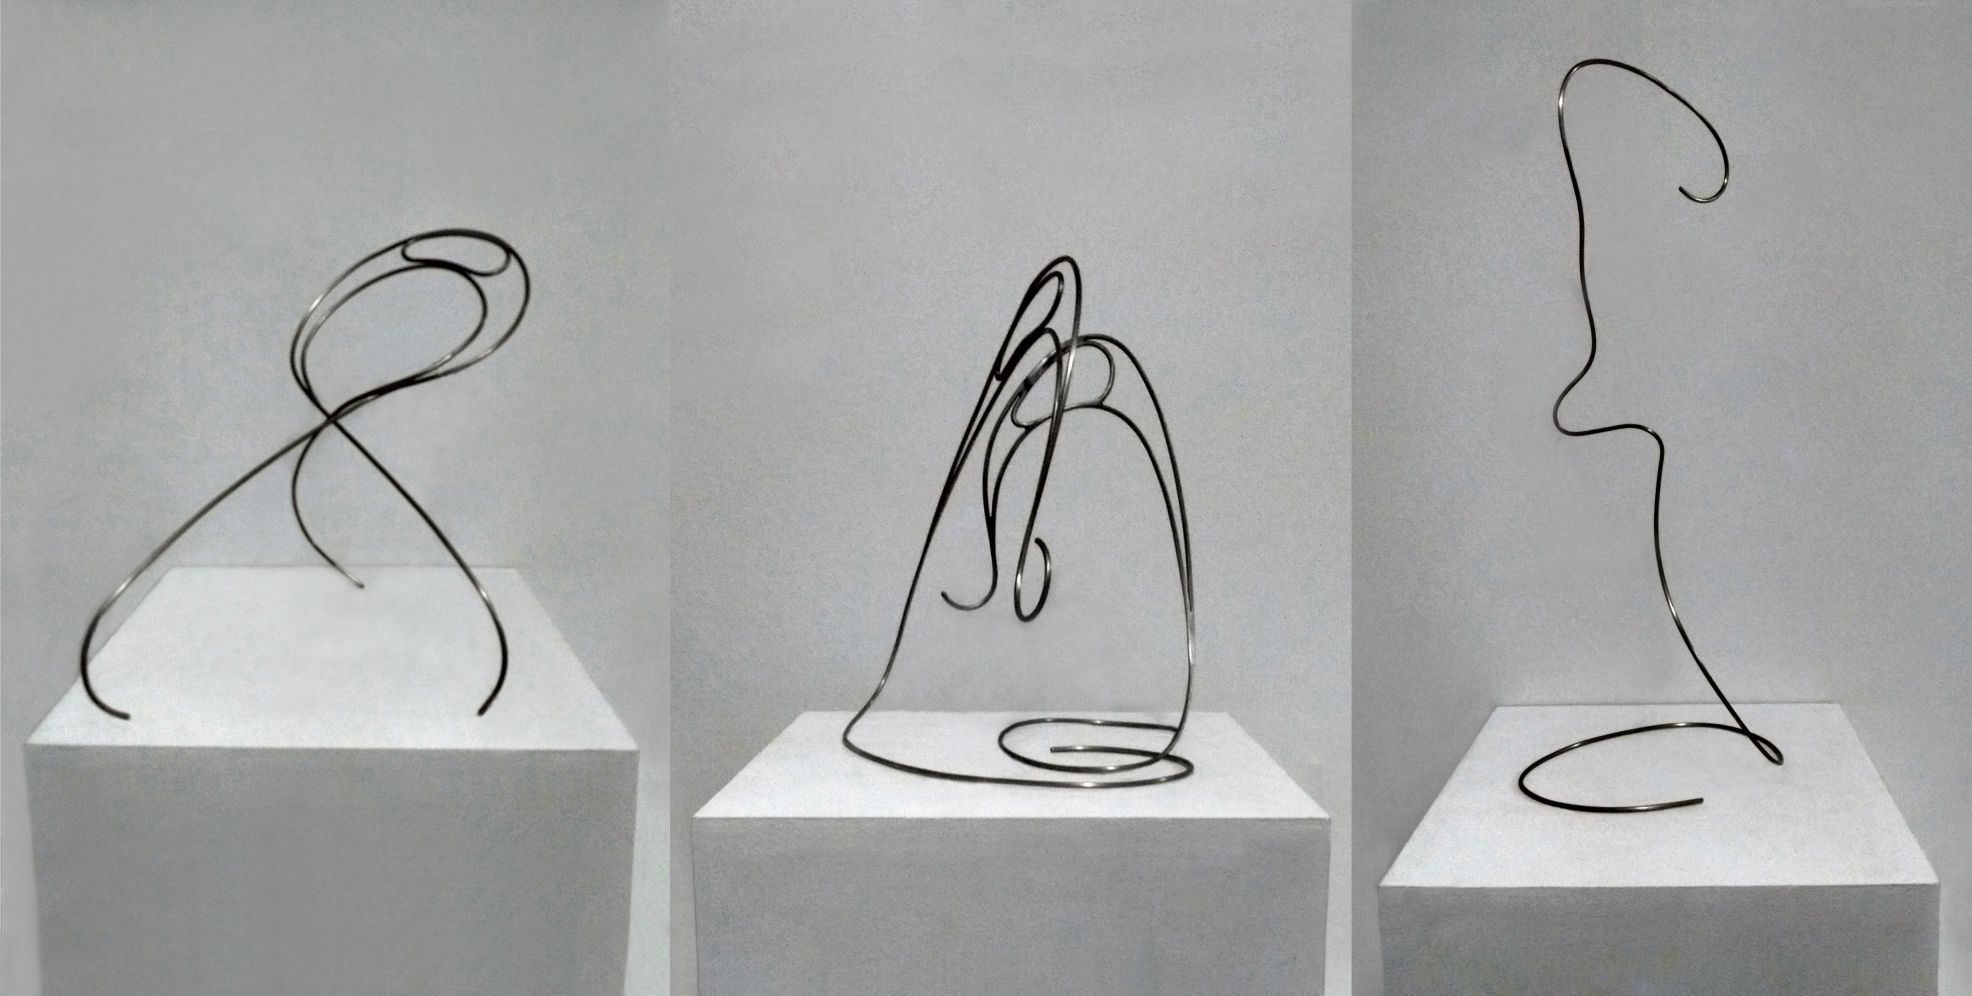 Configuraciones de lo posible (2018) - Celeste Carnovali